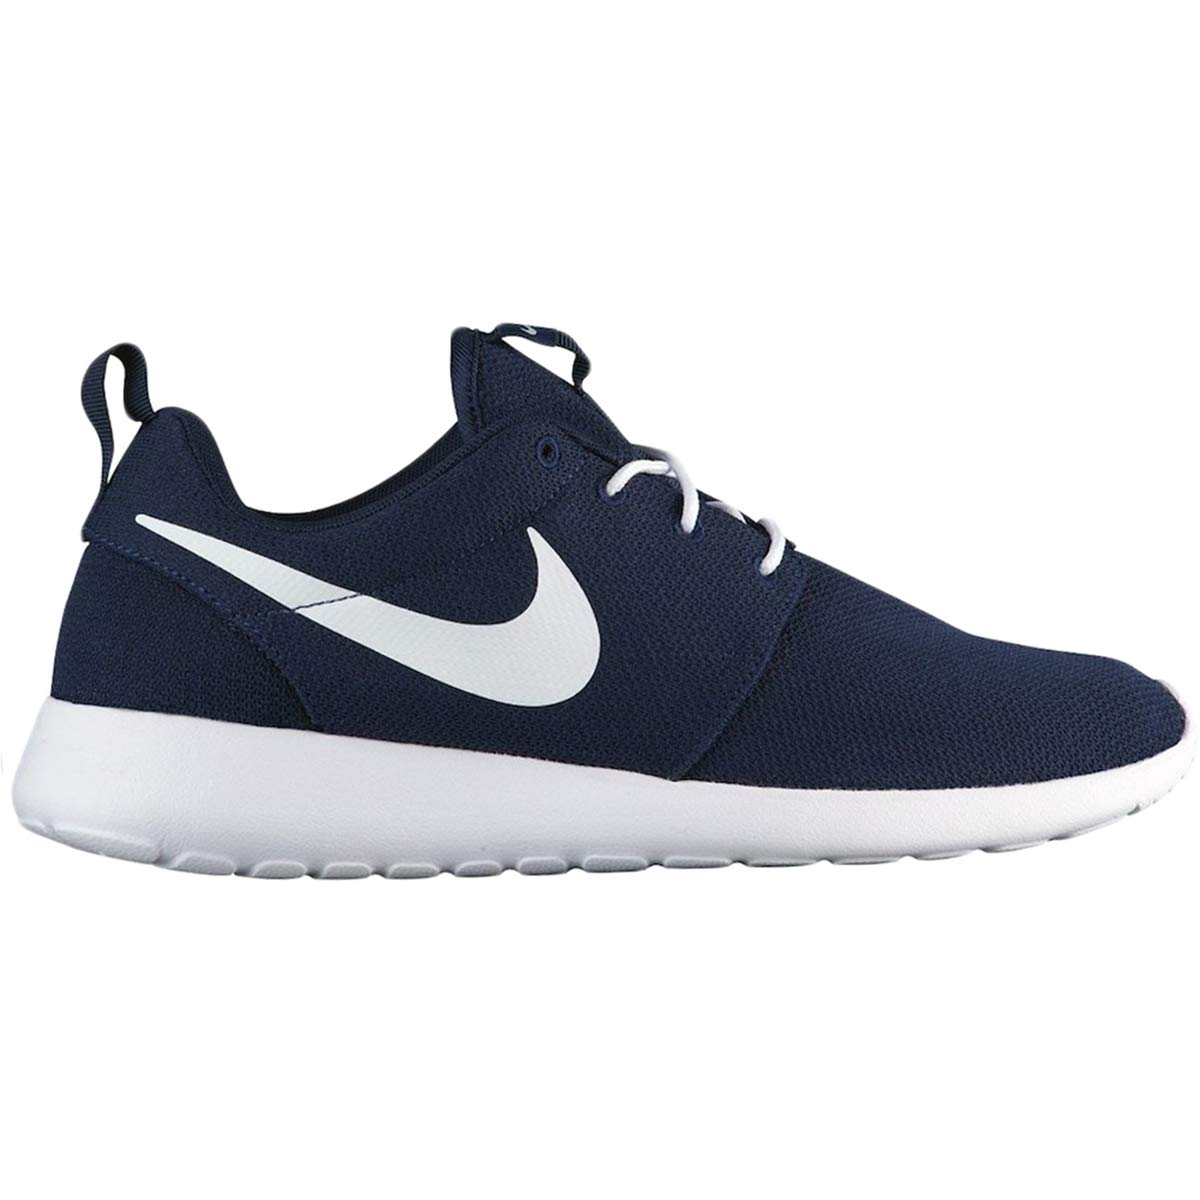 NIKE Men's Roshe One Running Shoes, Obsidian/White, 9